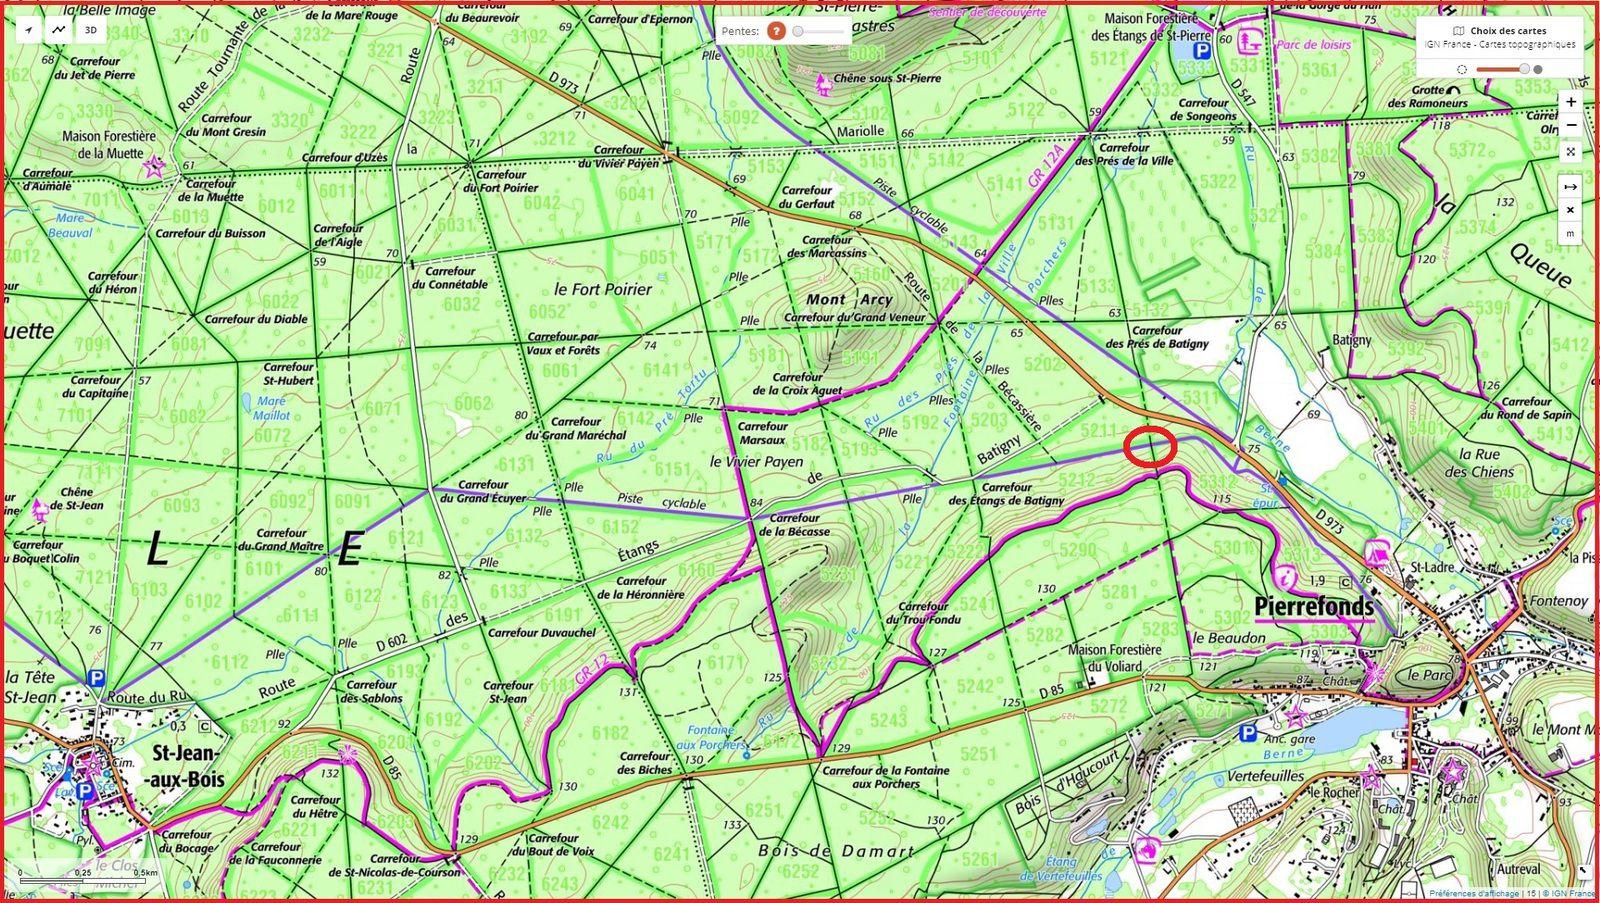 carrefour_Route des Pendants Mathieu_piste cyclable